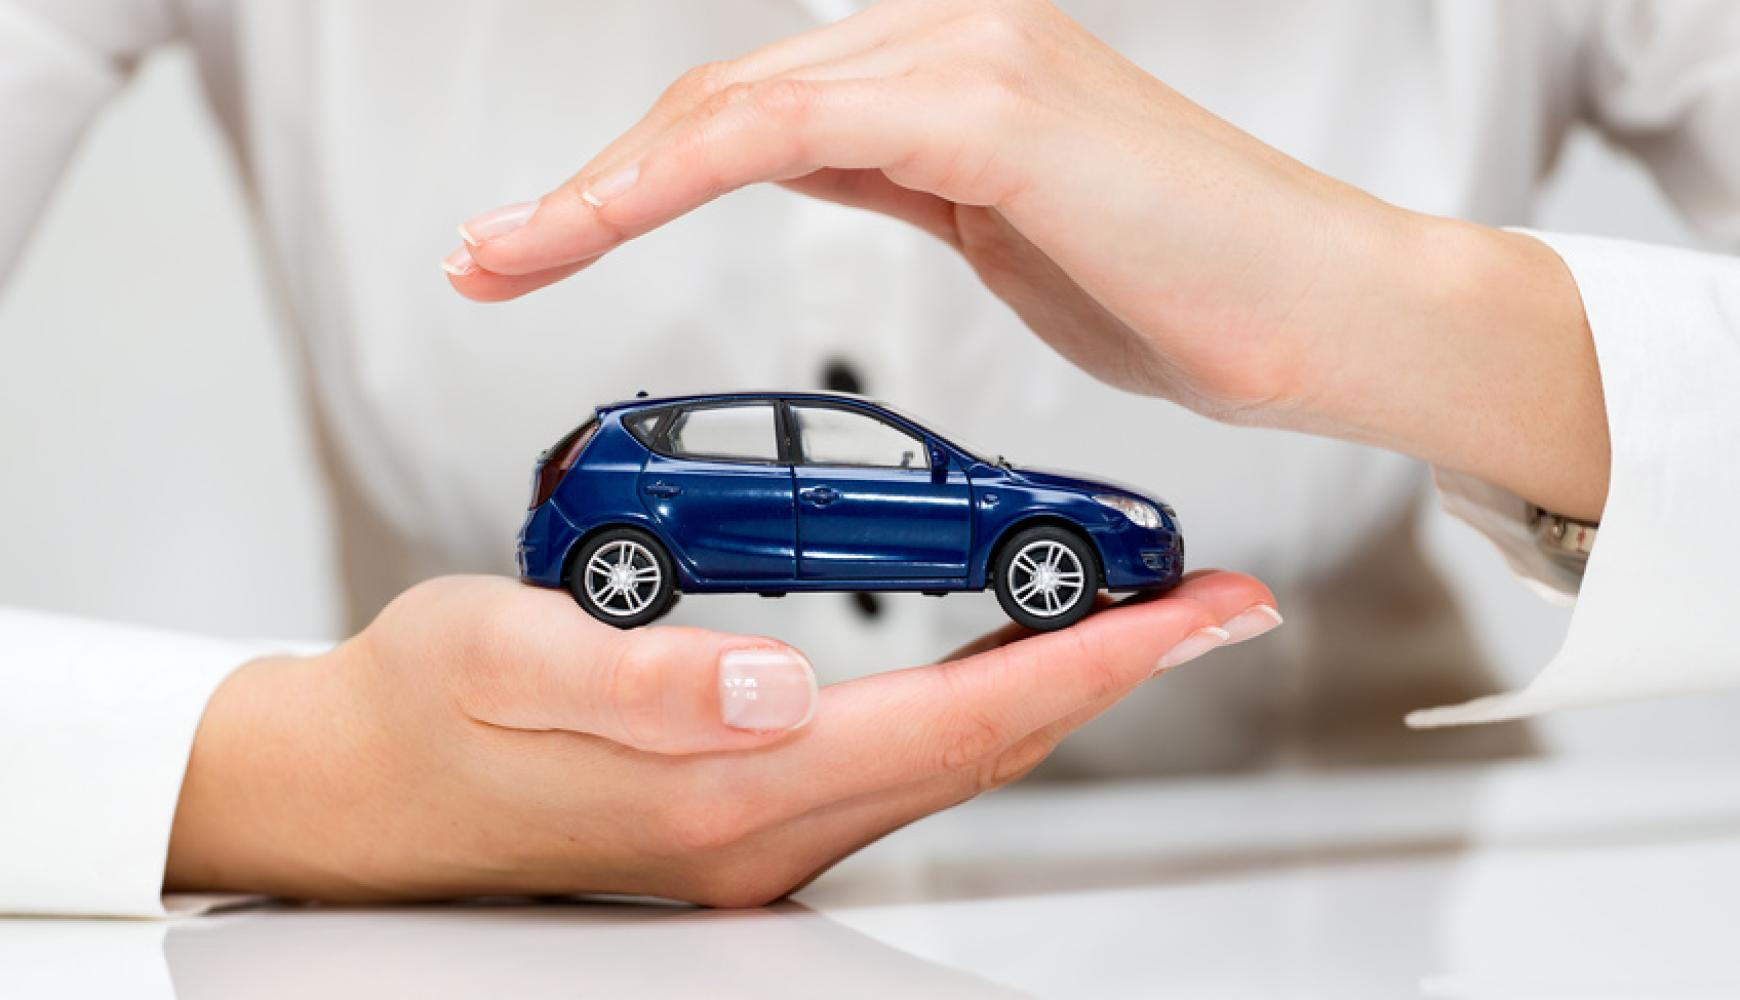 Assurance de prêt : à quoi sert la loi Hamon ?